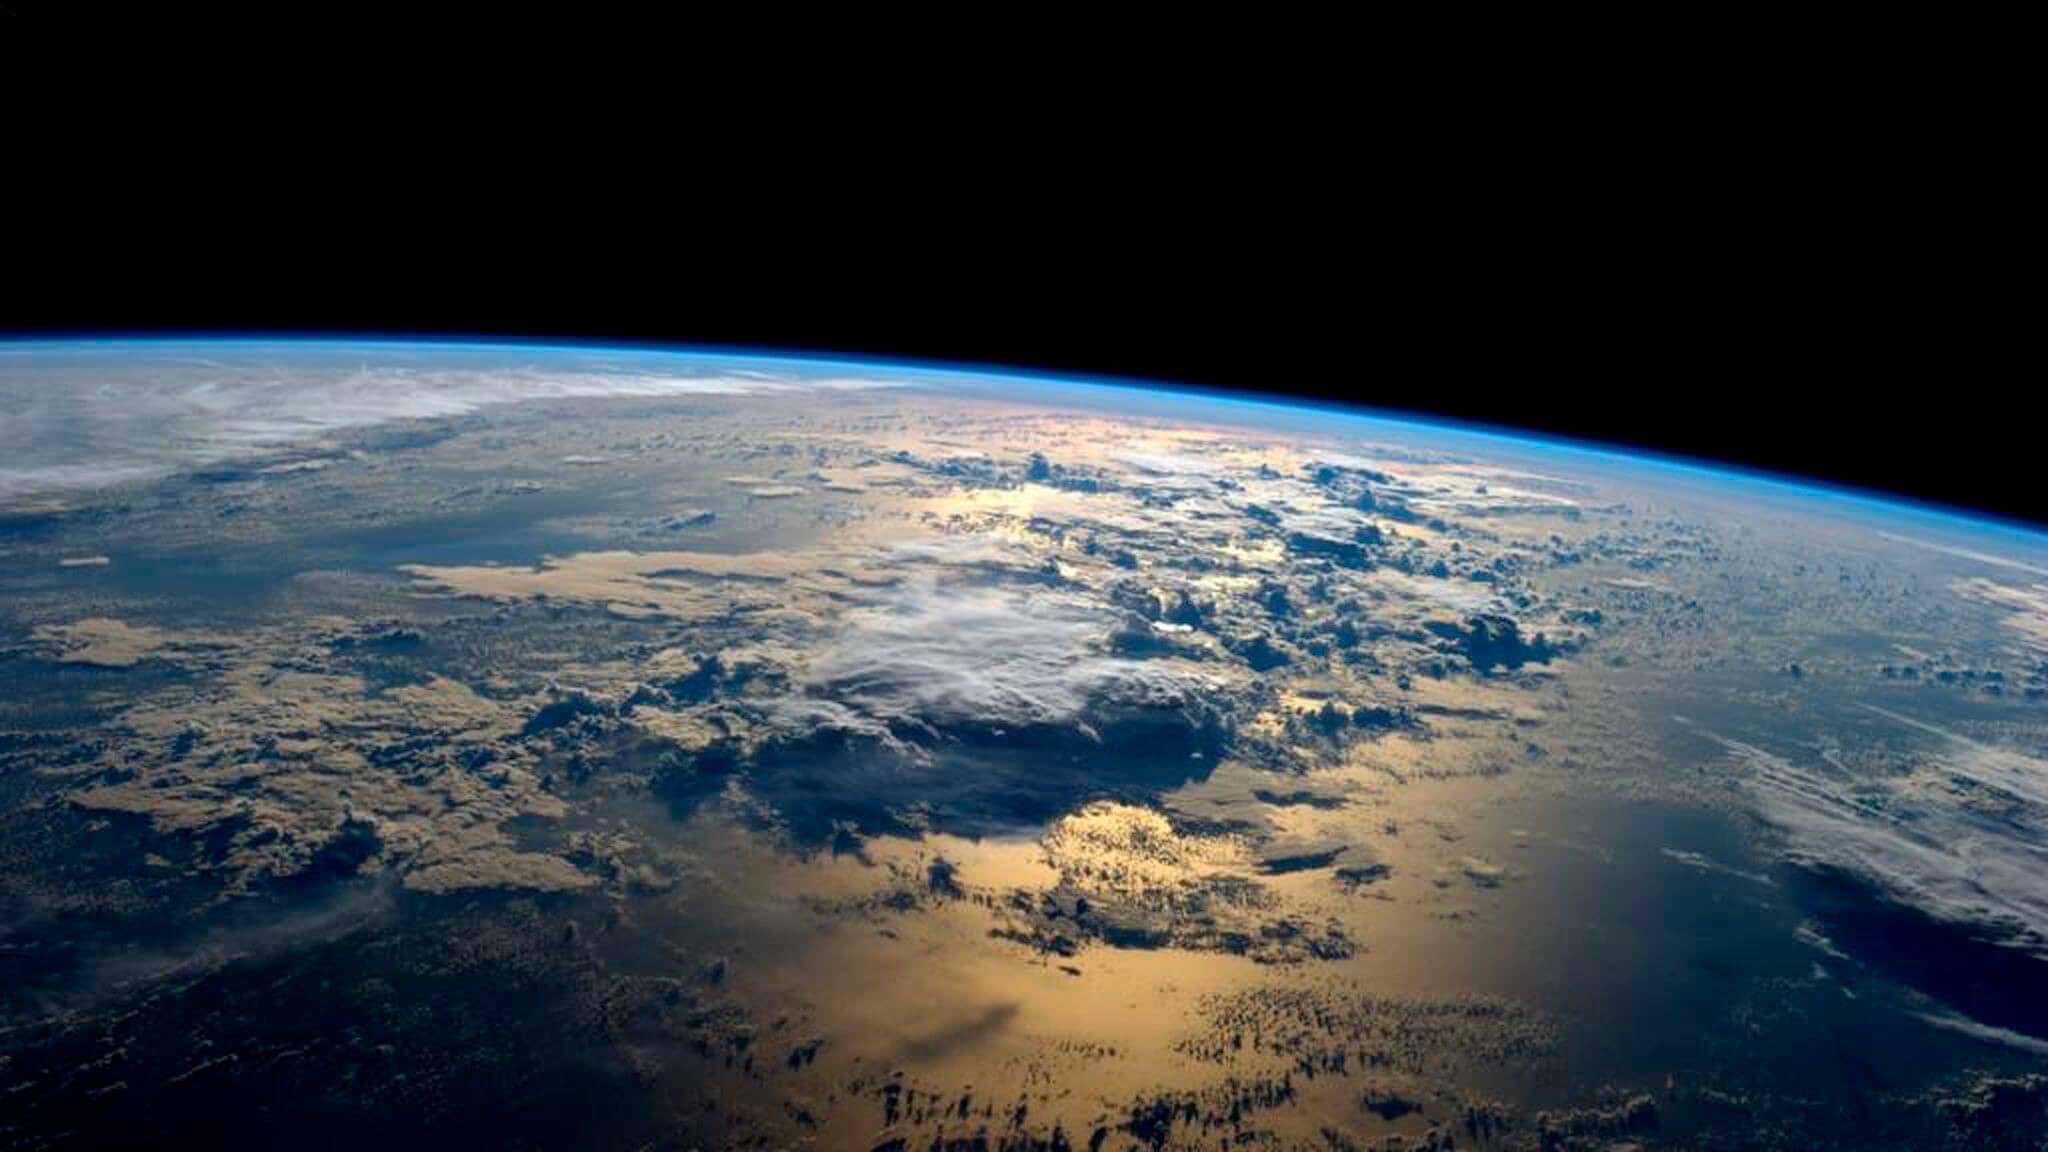 видео планета земля снятая борта мкс ultra hd-камерой